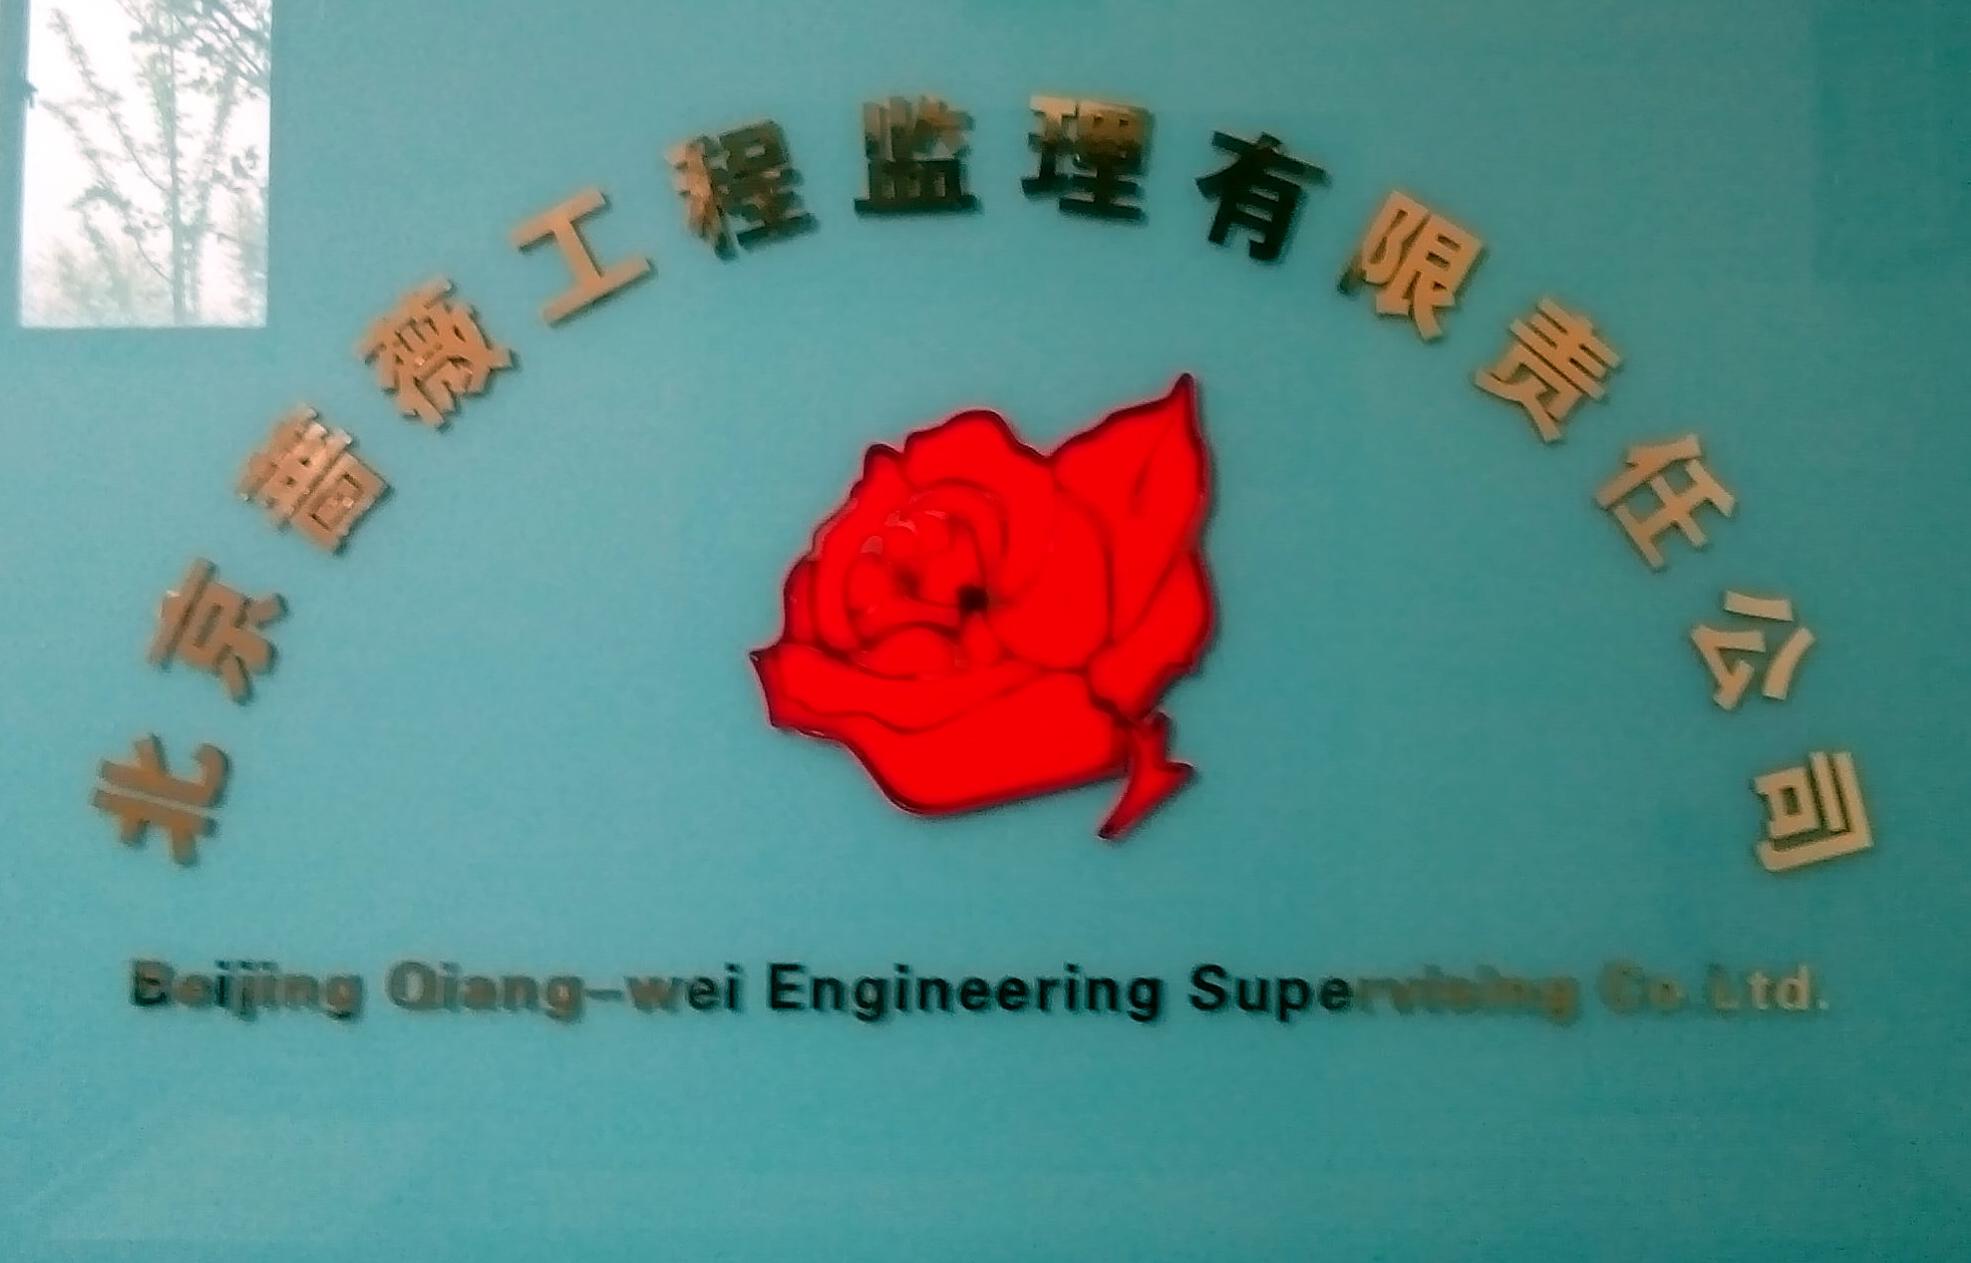 北京薔薇工程監理有限責任公司